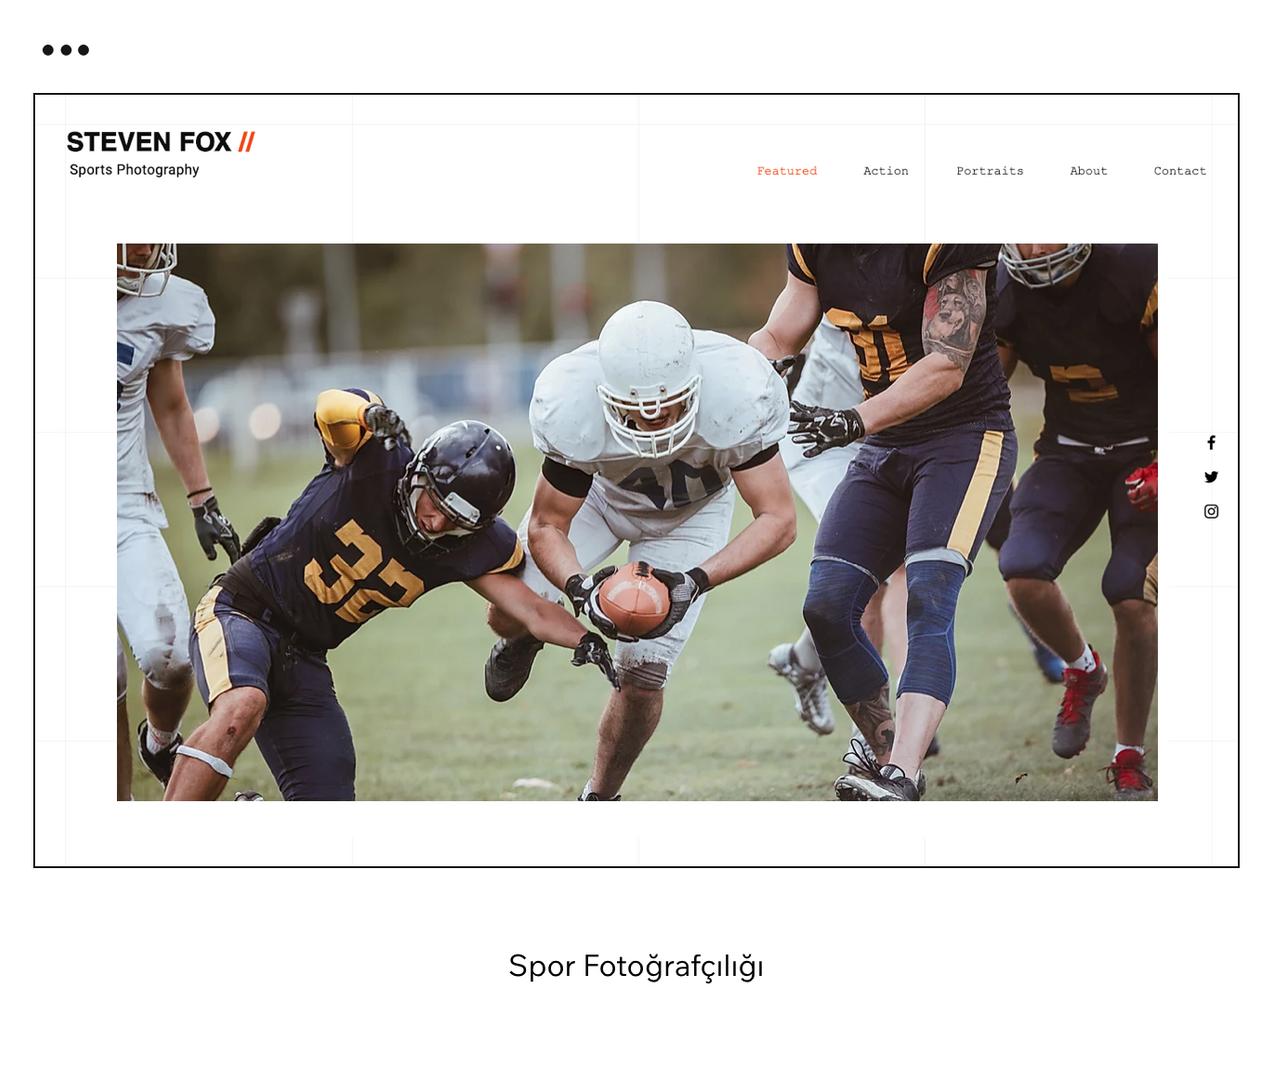 Spor Fotoğrafçılığı